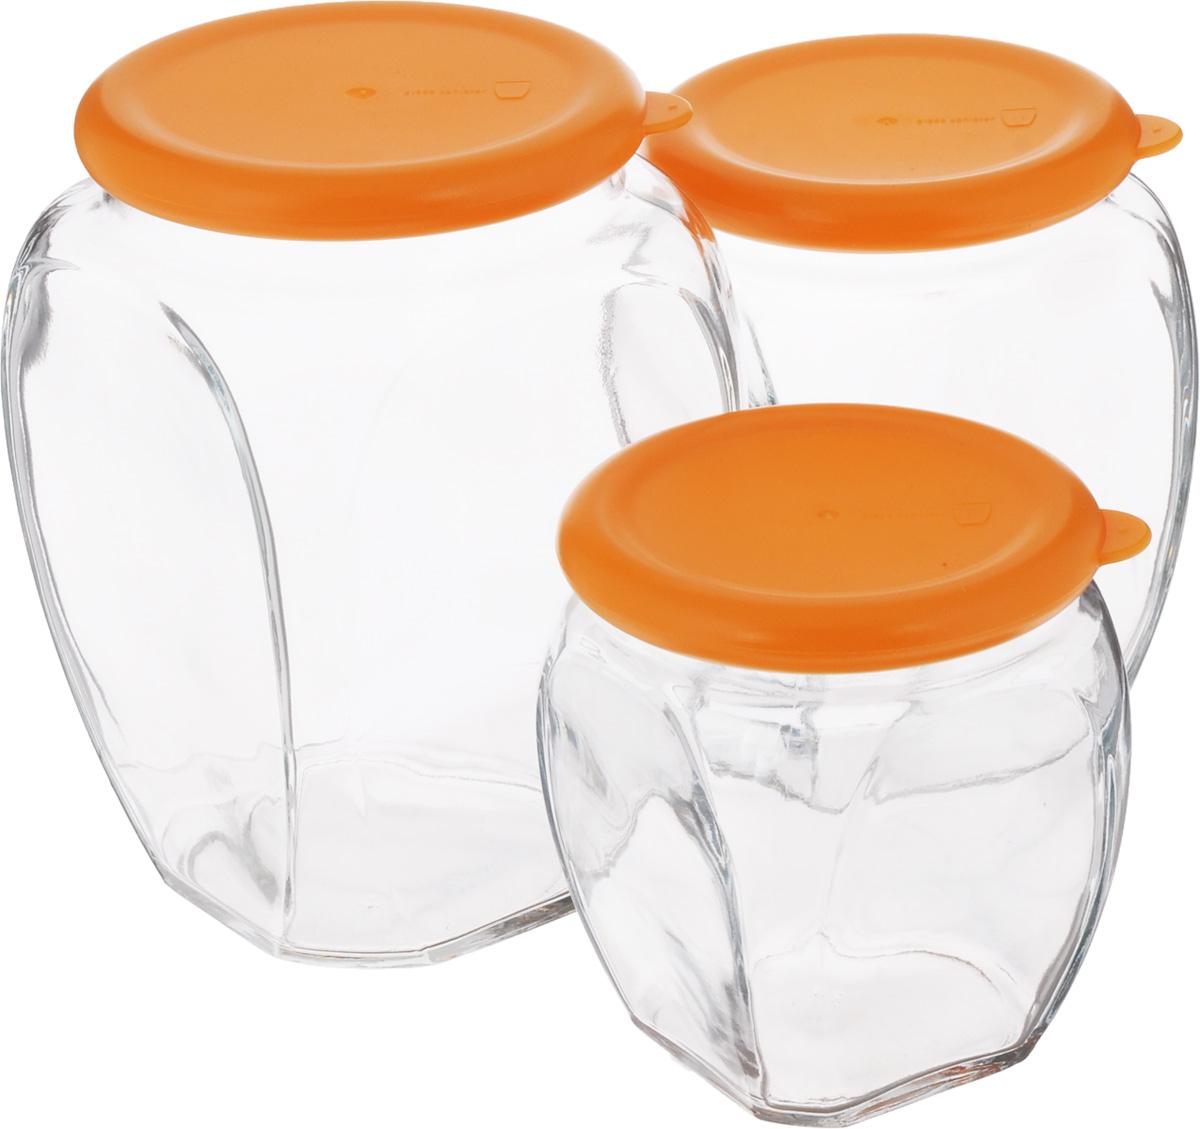 Набор контейнеров для сыпучих продуктов Glasslock, 3 шт. IG-674 лампа asd сдо 5 30 30w 160 260v 6500k 2400lm ip65 4690612005379